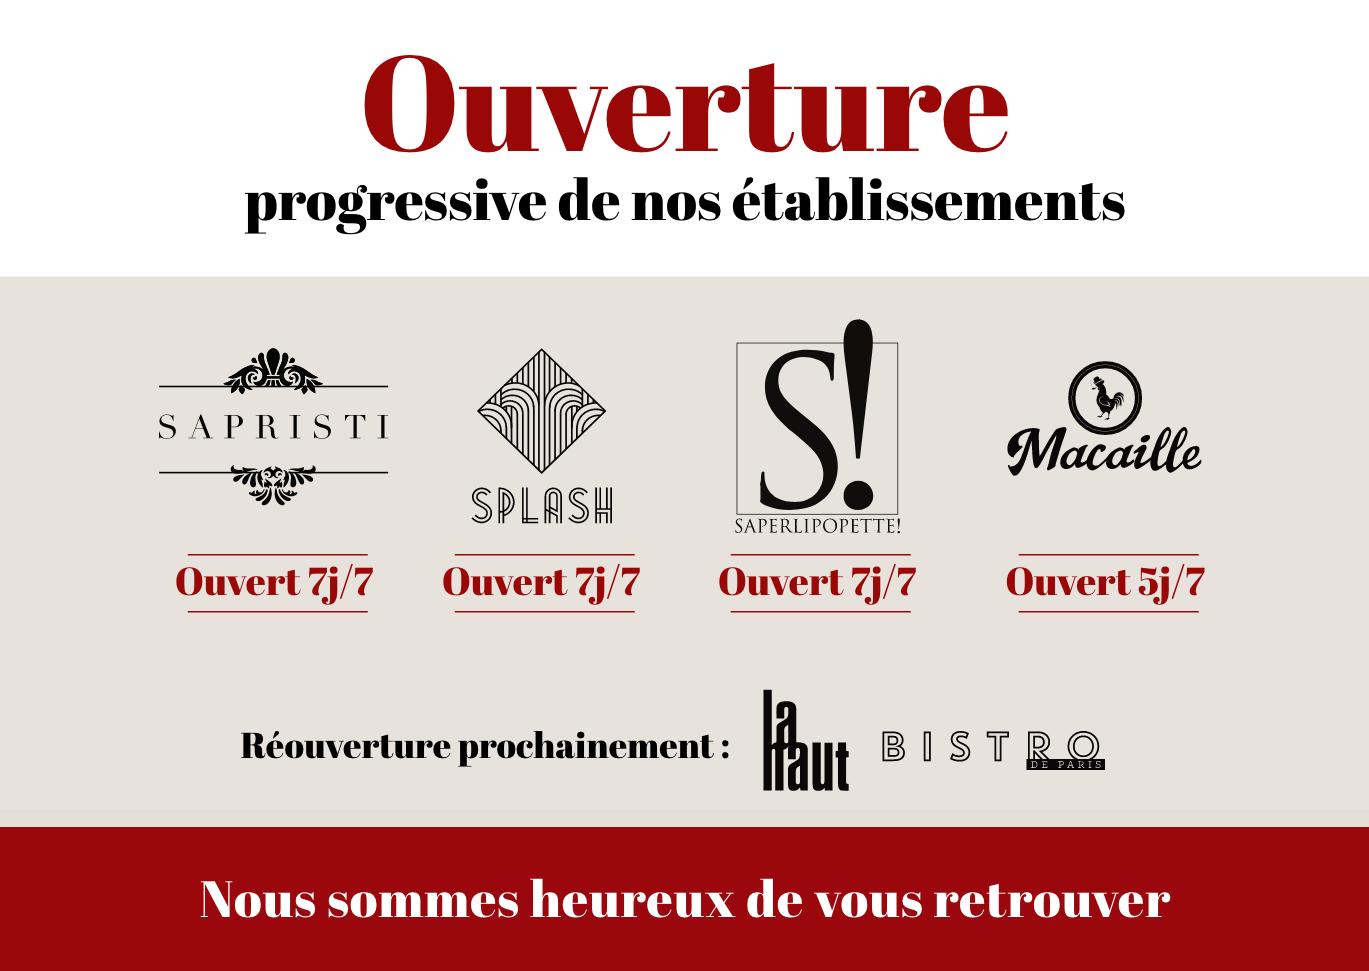 ouverture-bistrots-pas-parisiens-restaurant